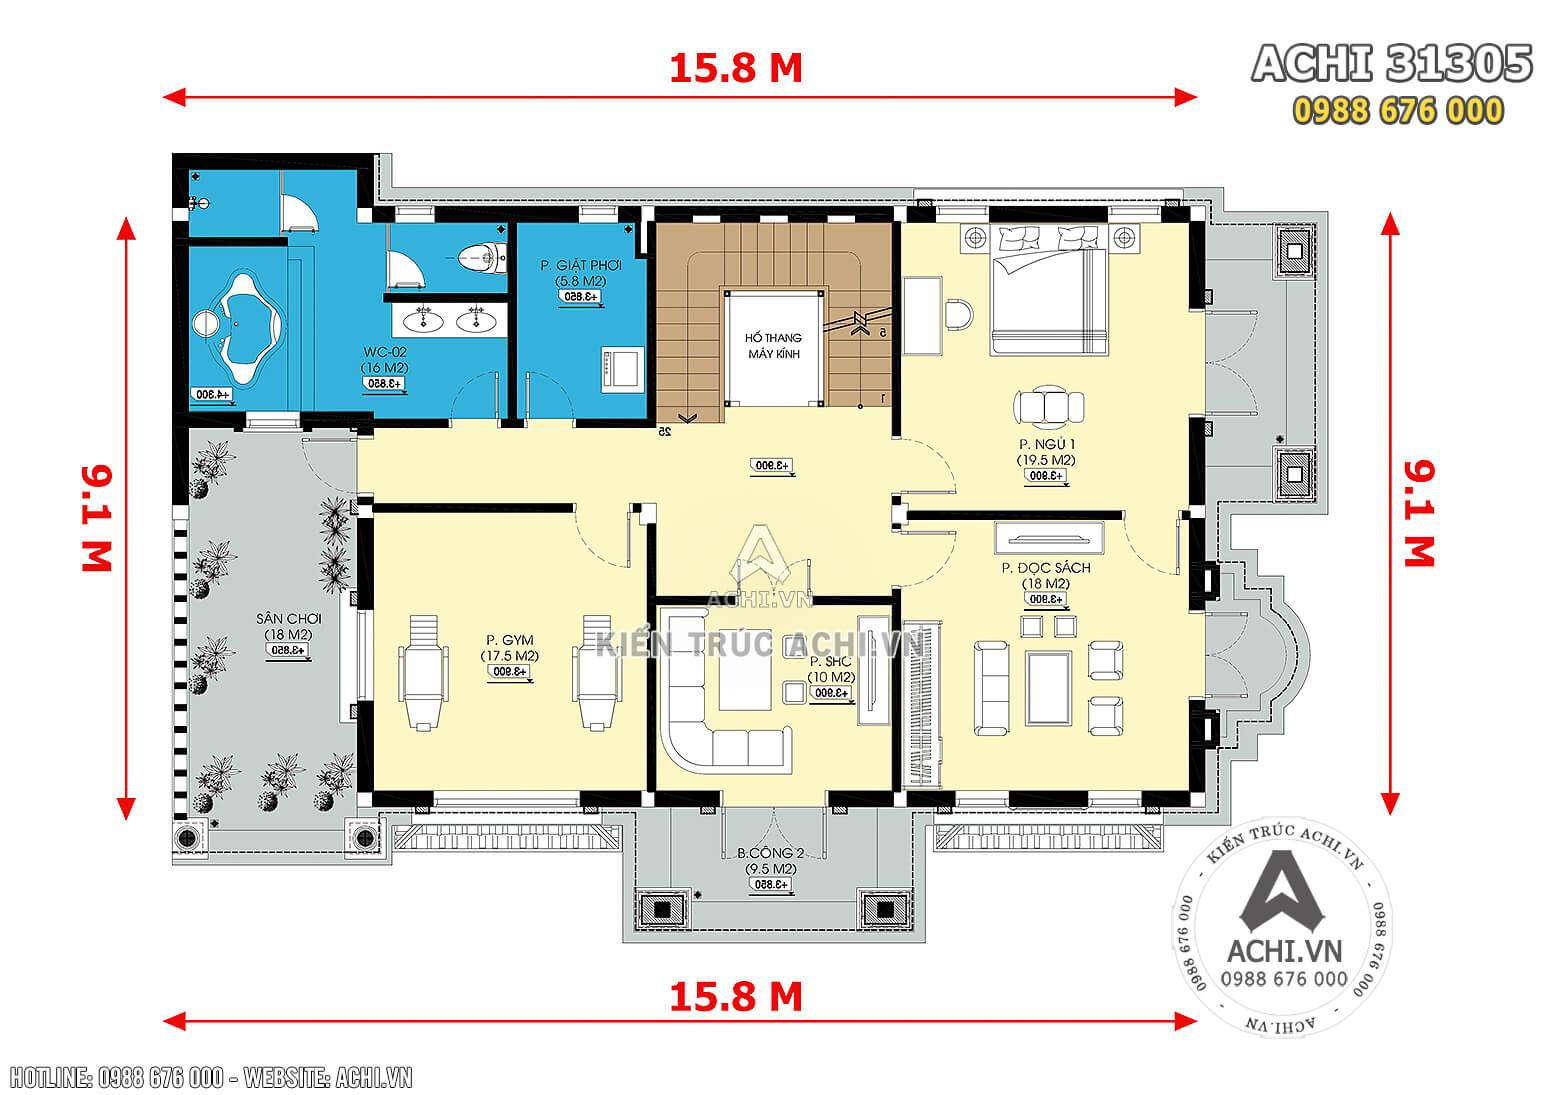 Hình ảnh: Mặt bằng công năng tầng 2 của mẫu biệt thự 3 tầng tân cổ điển đẹp